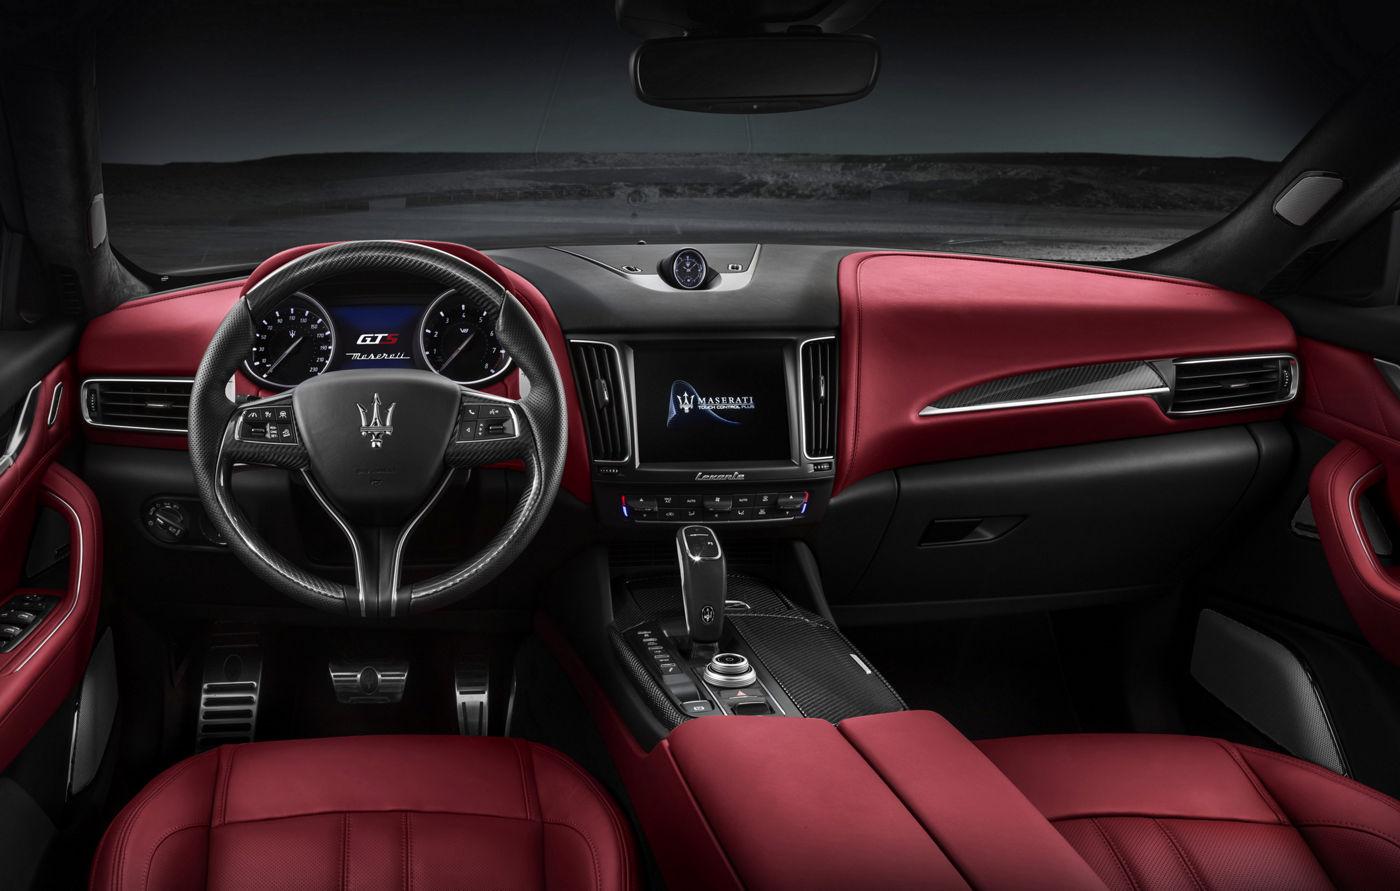 Maserati Levante GTS - Interni di pelle rossi e neri